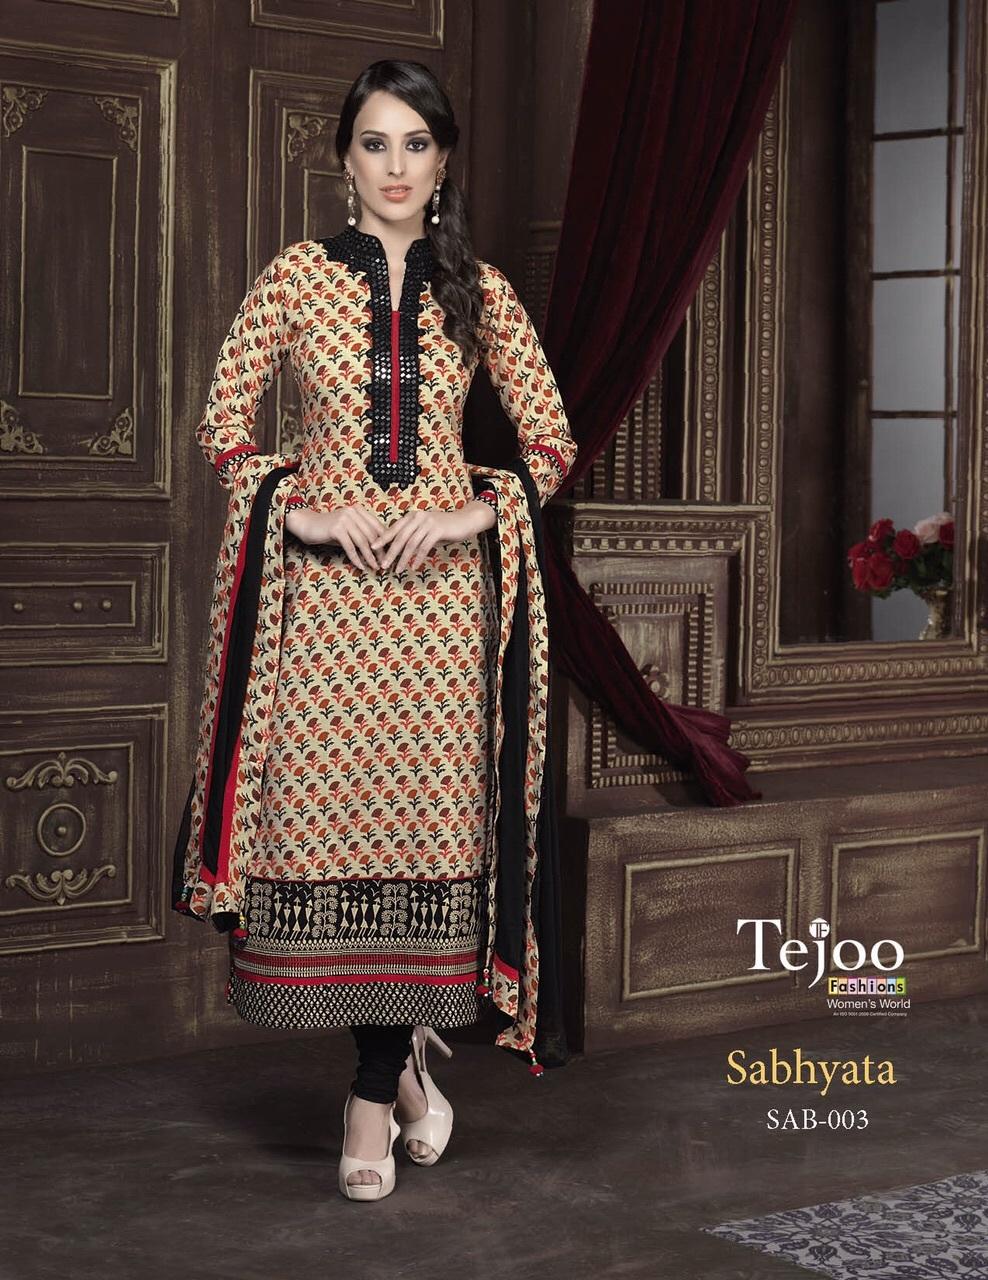 Tejoo Sabhyata